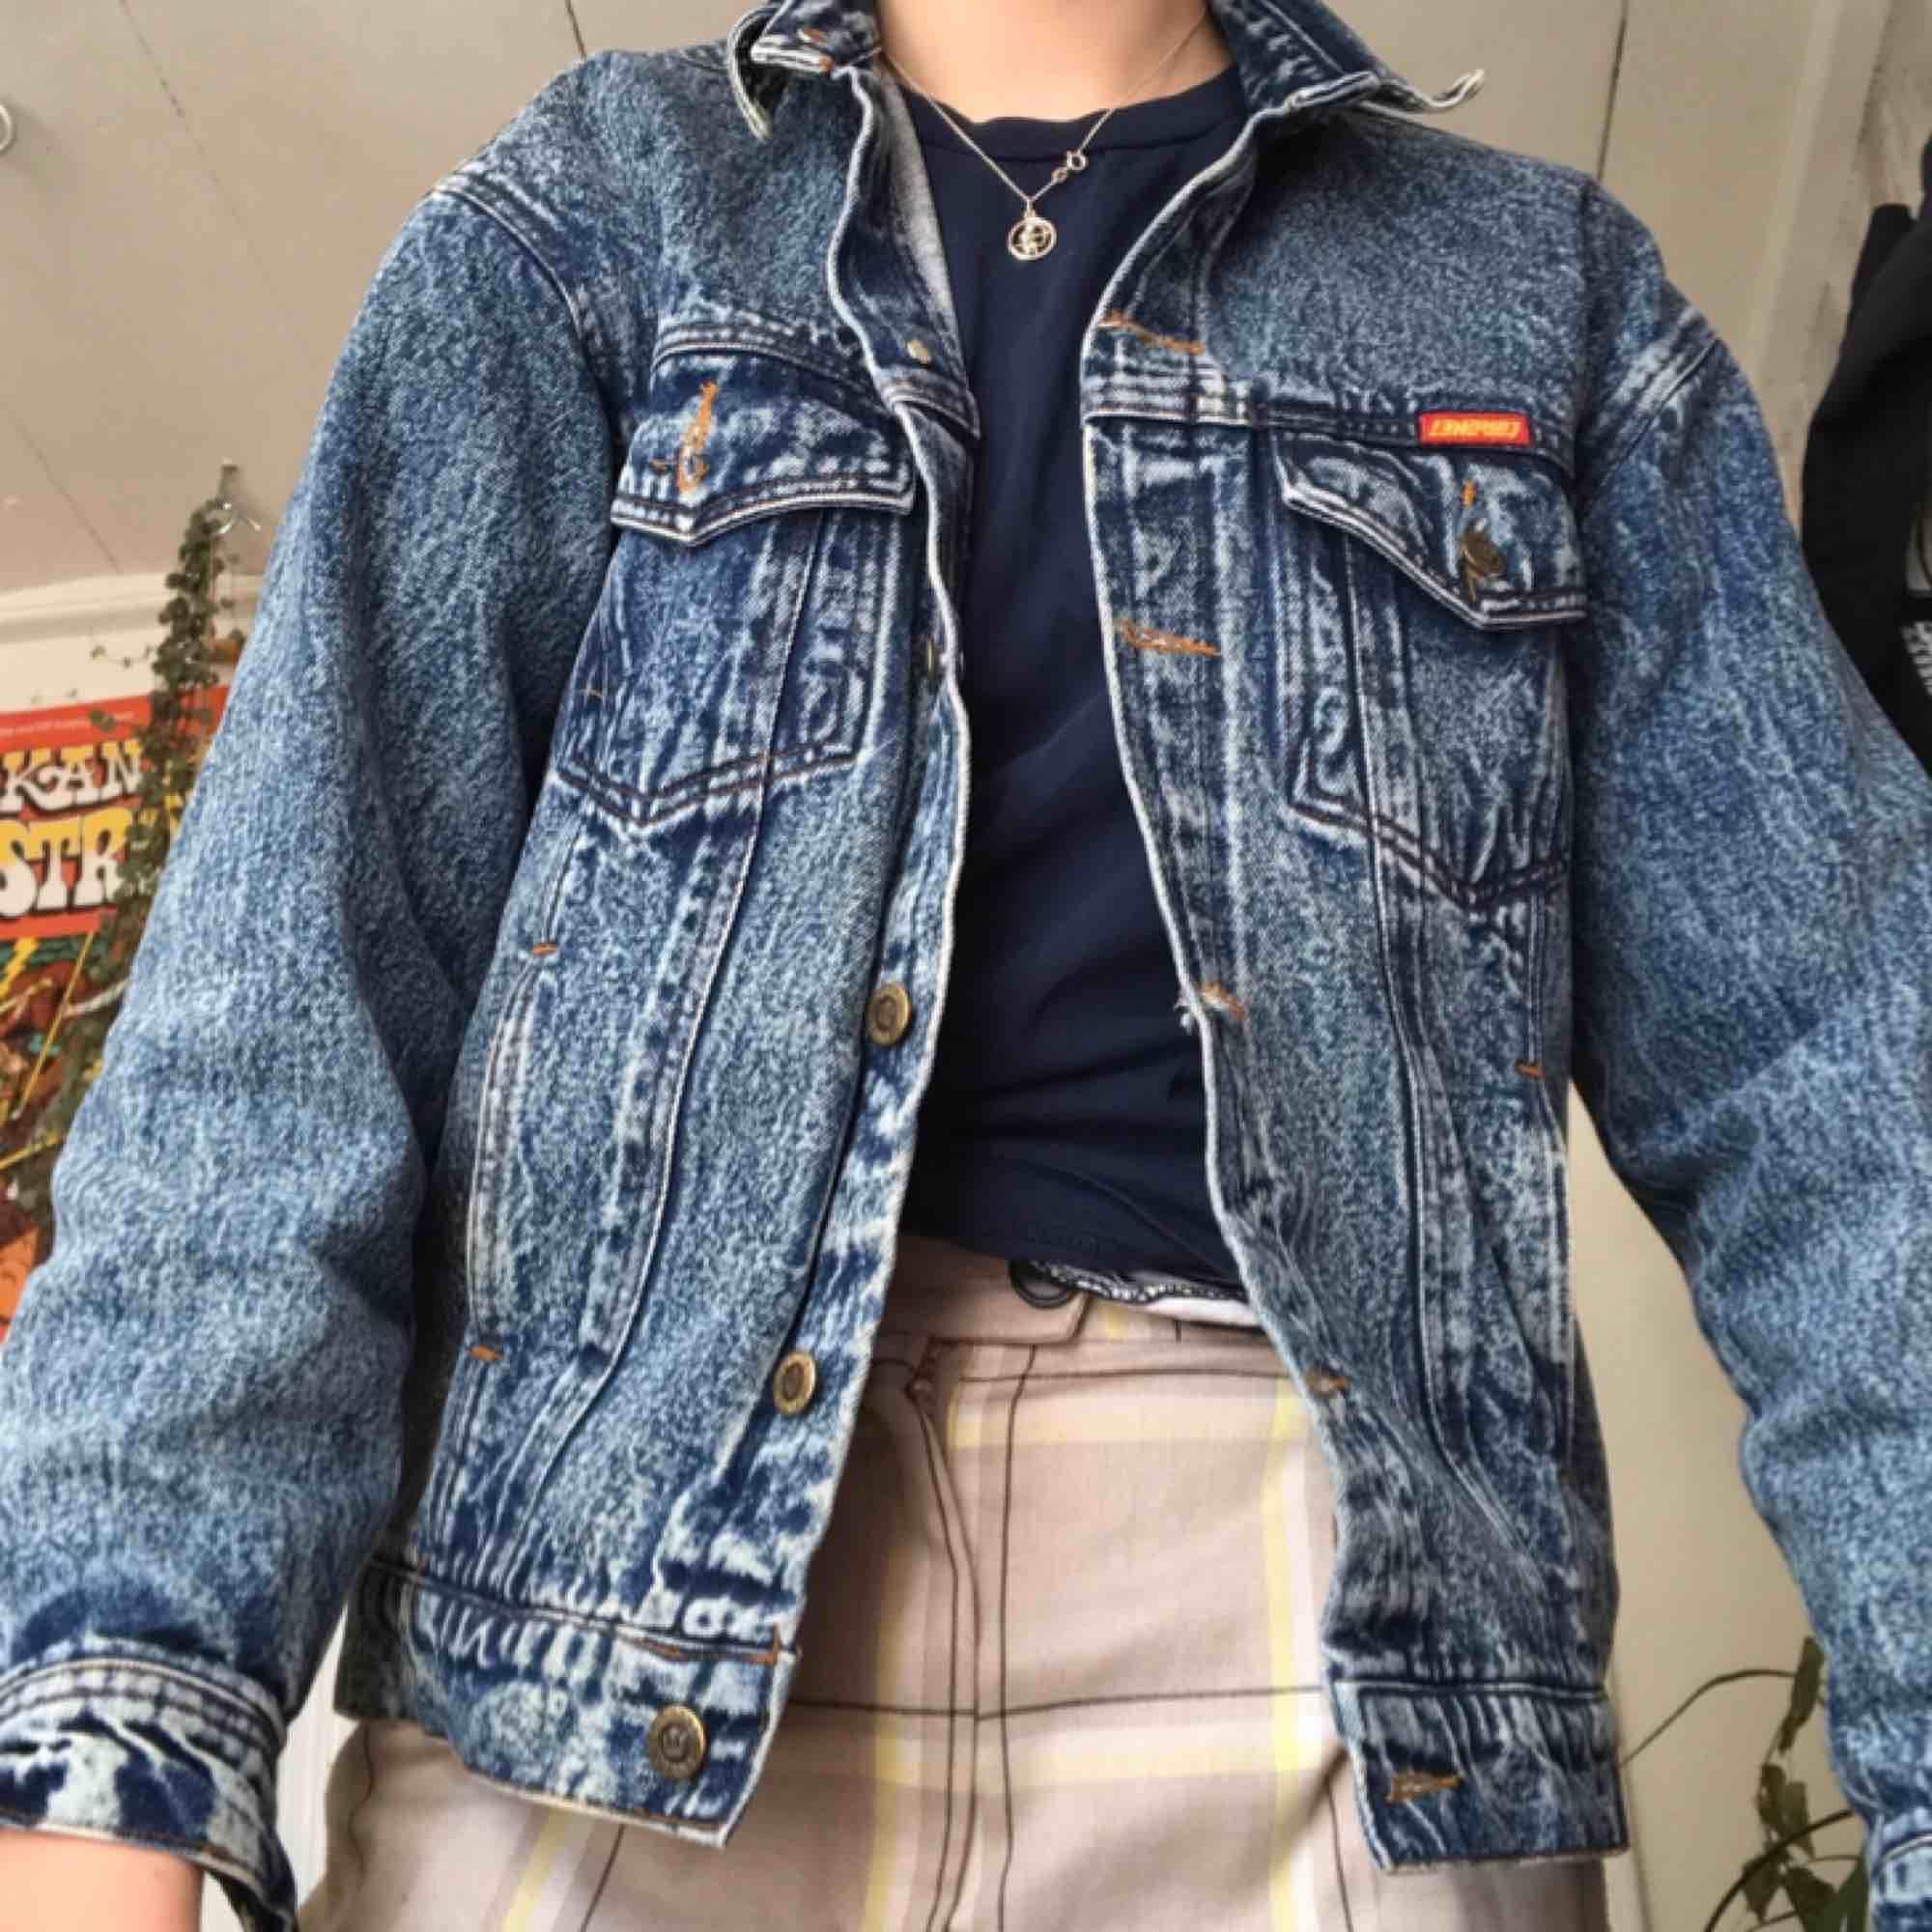 Snygg jeansjacka som kommer vara skitnajs nu i vår/sommar 🥰 Sitter bekvämt, passar både s och m beroende på hur man vill ha den. Kan fraktas eller mötas upp i Stockholm. Skynda fynda nu🌱🌿☘️🍀. Jackor.